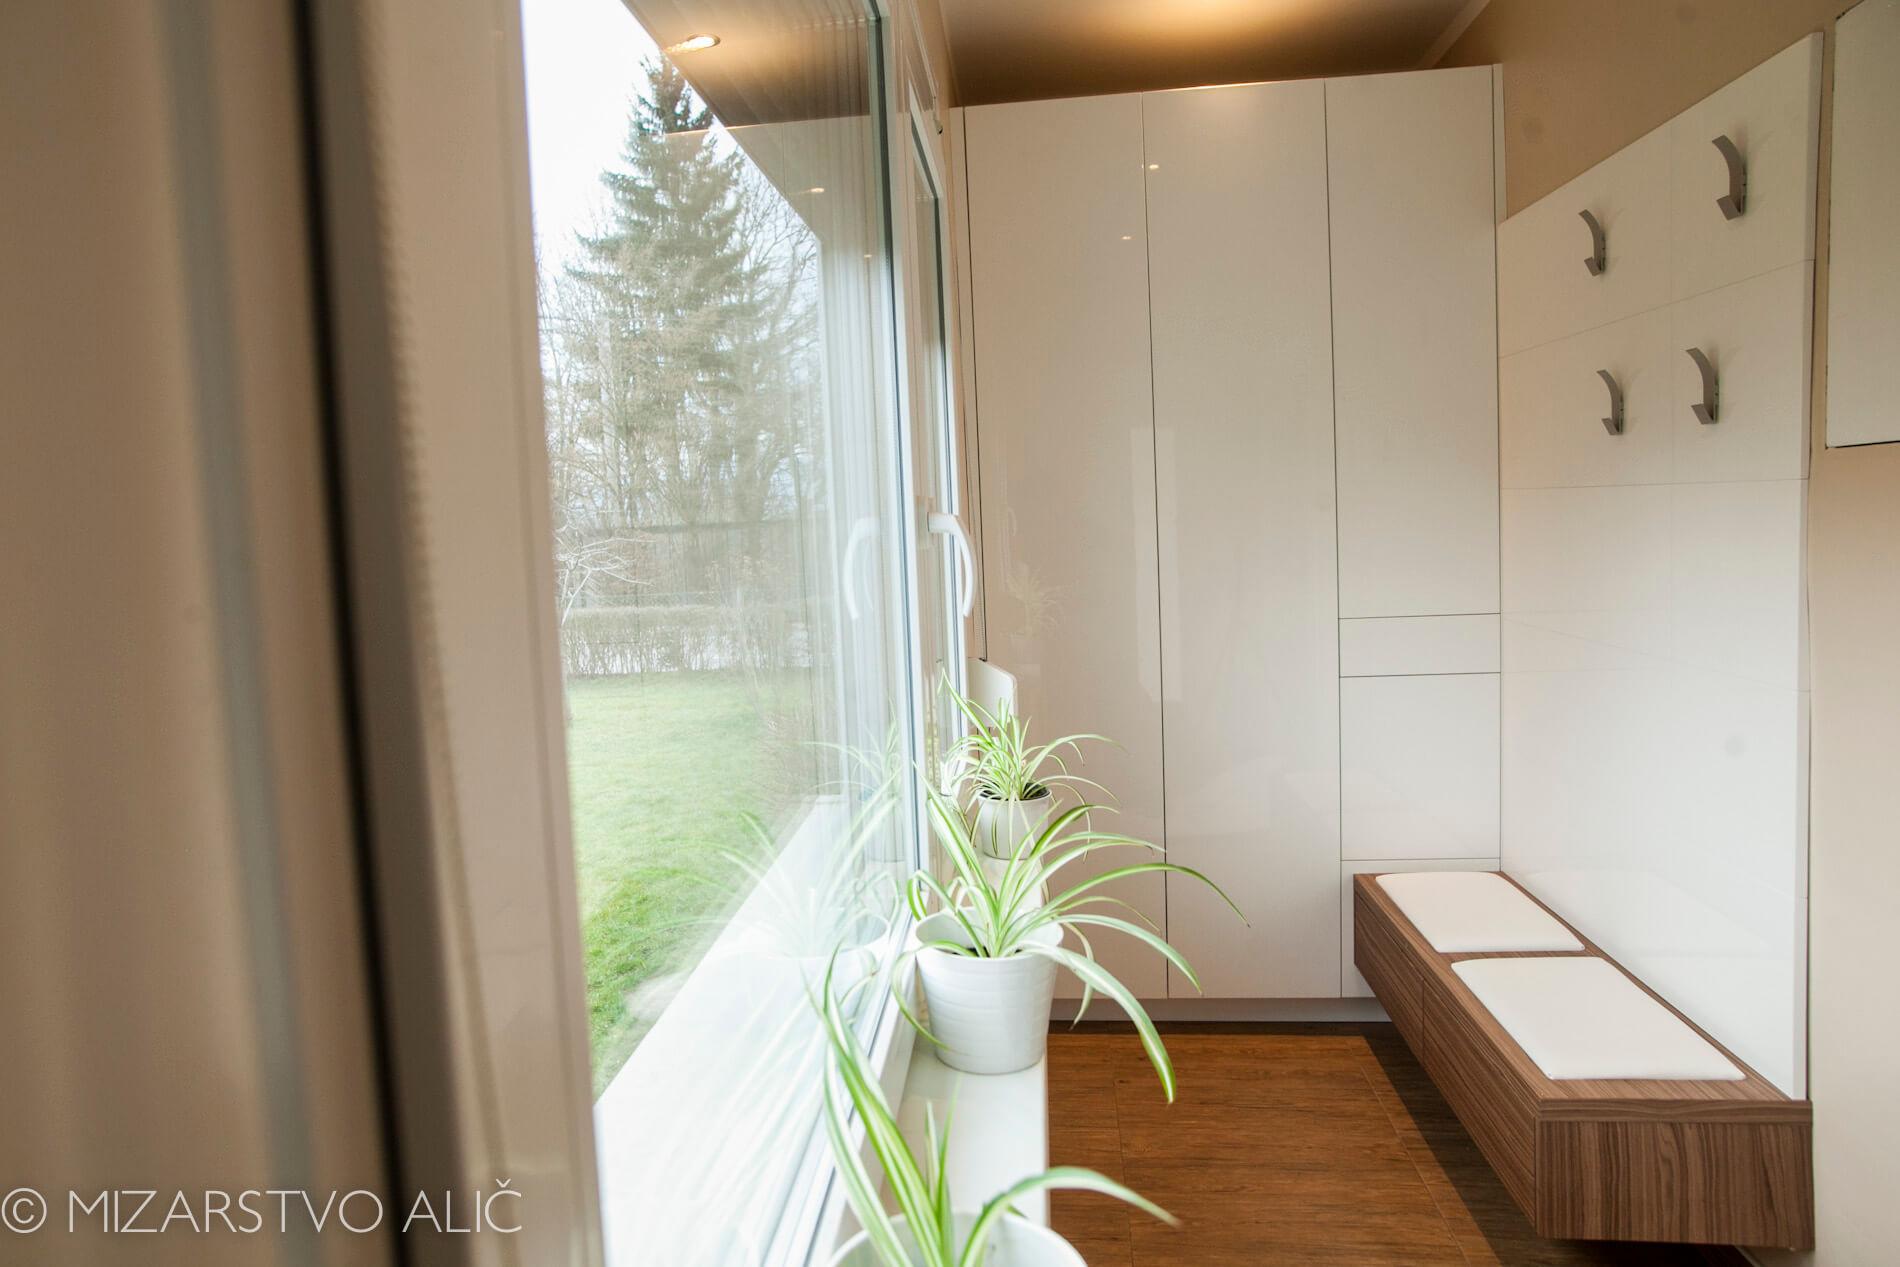 bela vgradna garderobna omara, predalnik in stena z obešalniki